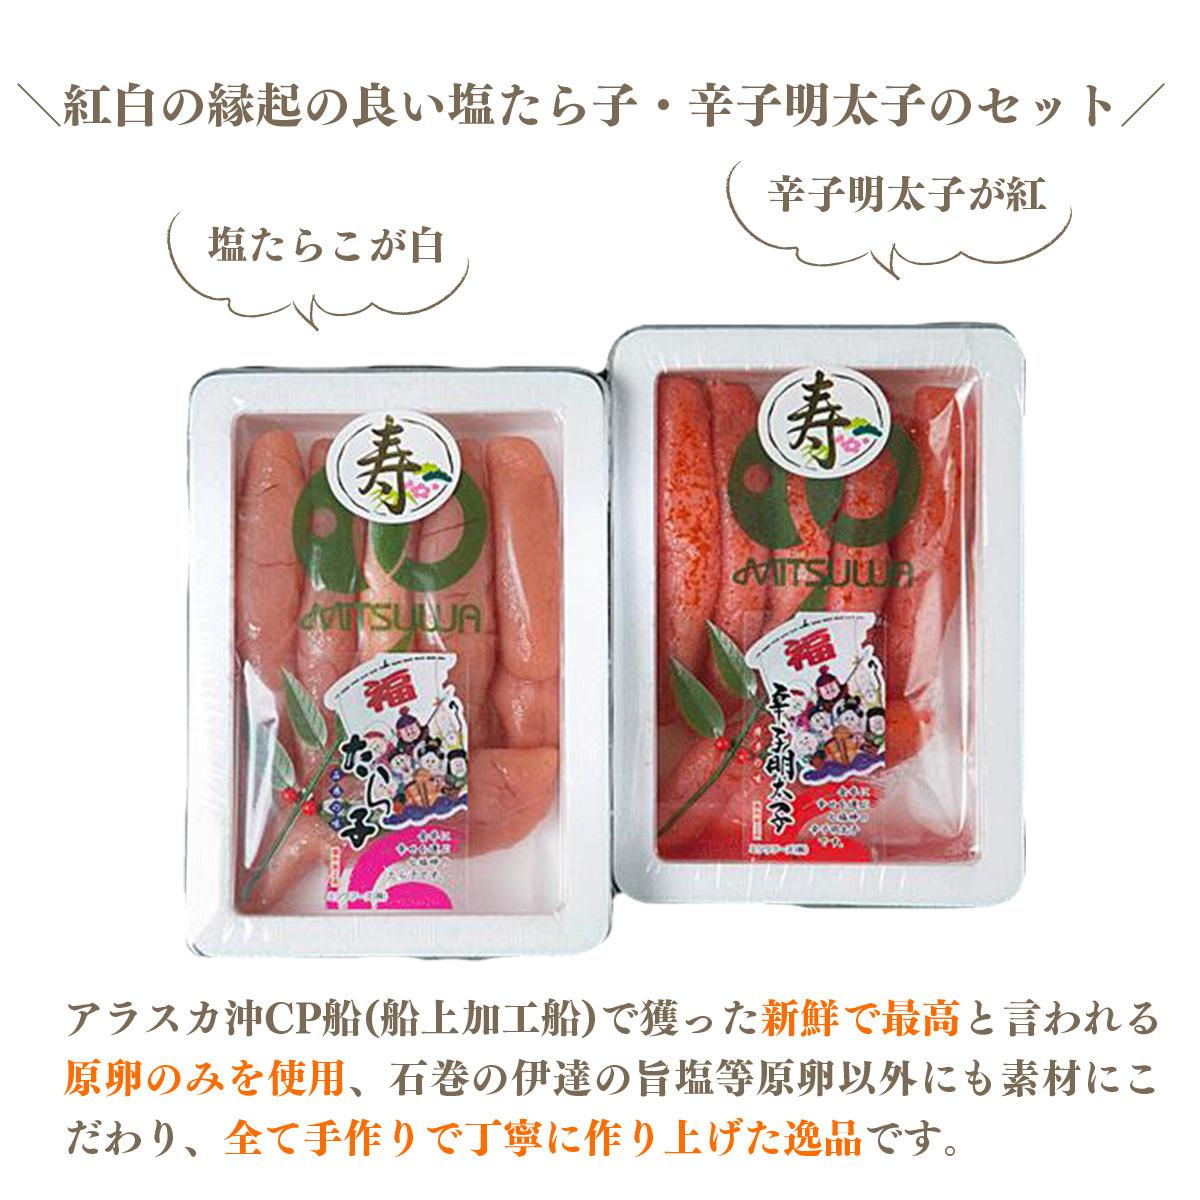 【ふるさと納税】七福神寿たら子セット